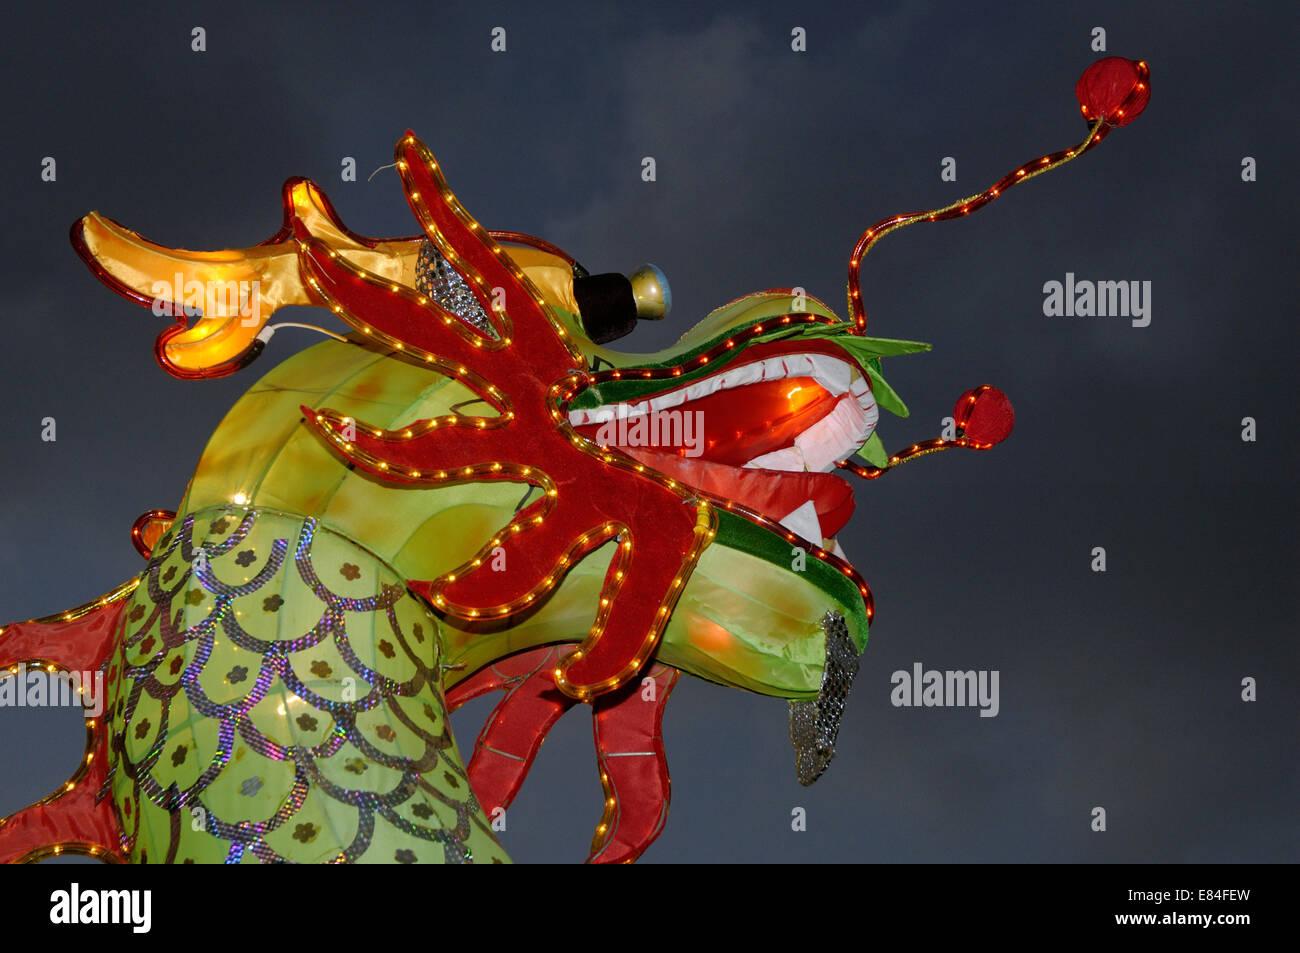 Papier-Drachen-Dekoration beim chinesischen Neujahrsfest Stockfoto ...